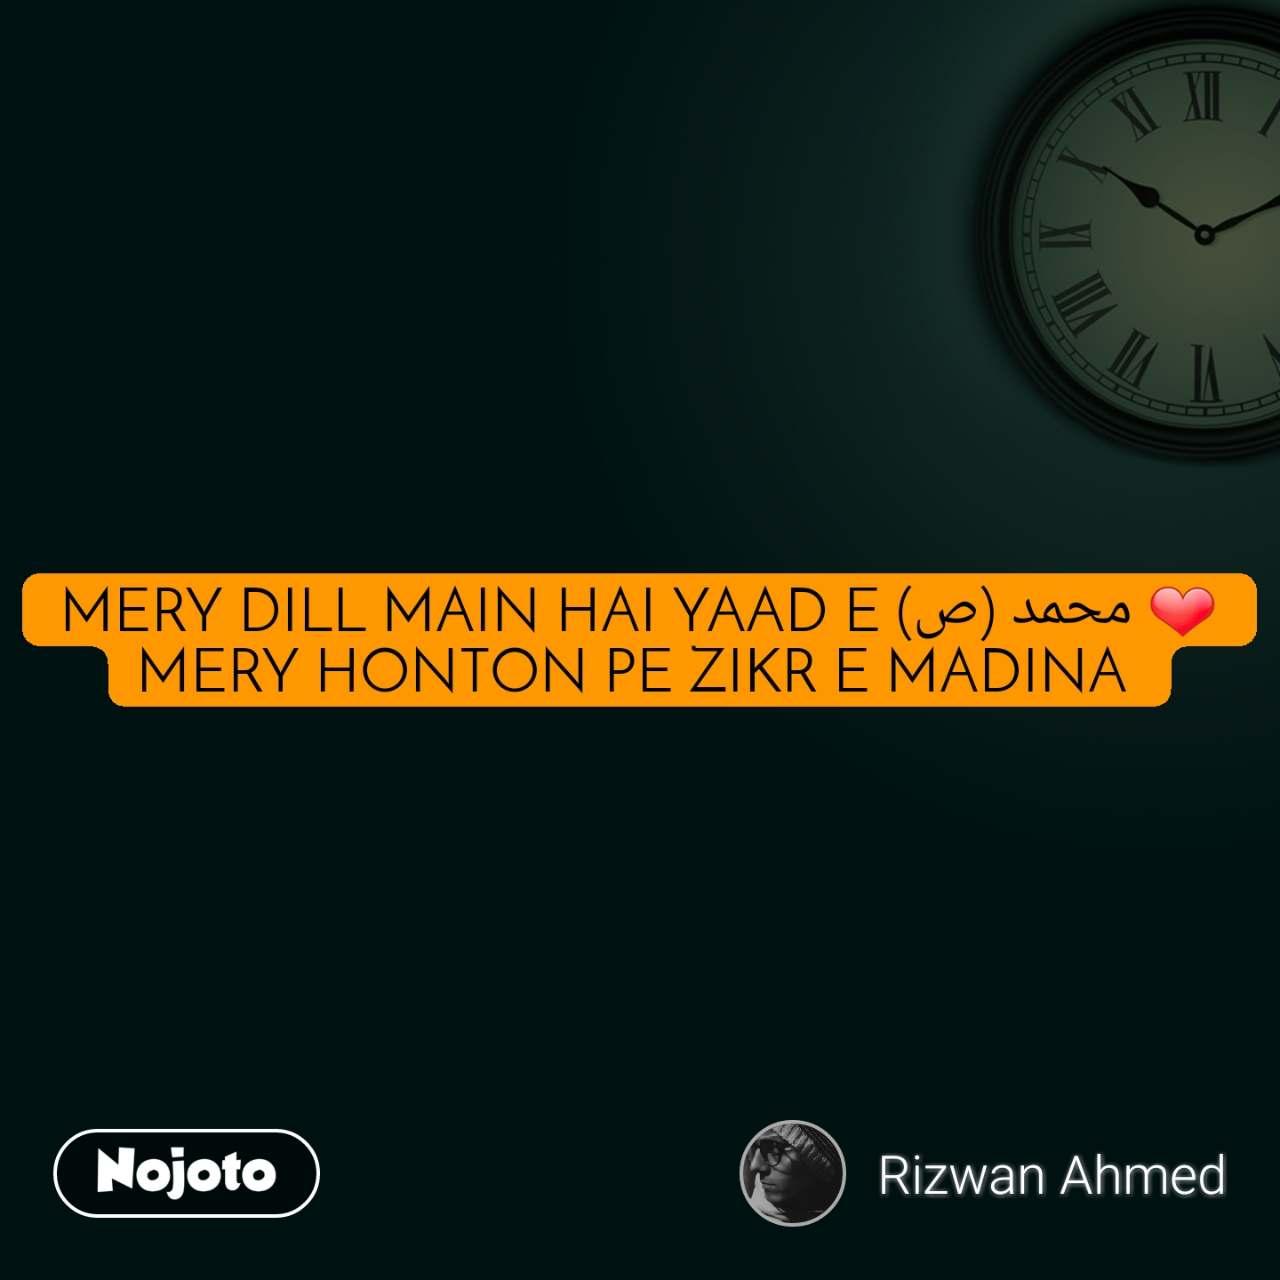 MERY DILL MAIN HAI YAAD E محمد (ص) ❤ MERY HONTON PE ZIKR E MADINA